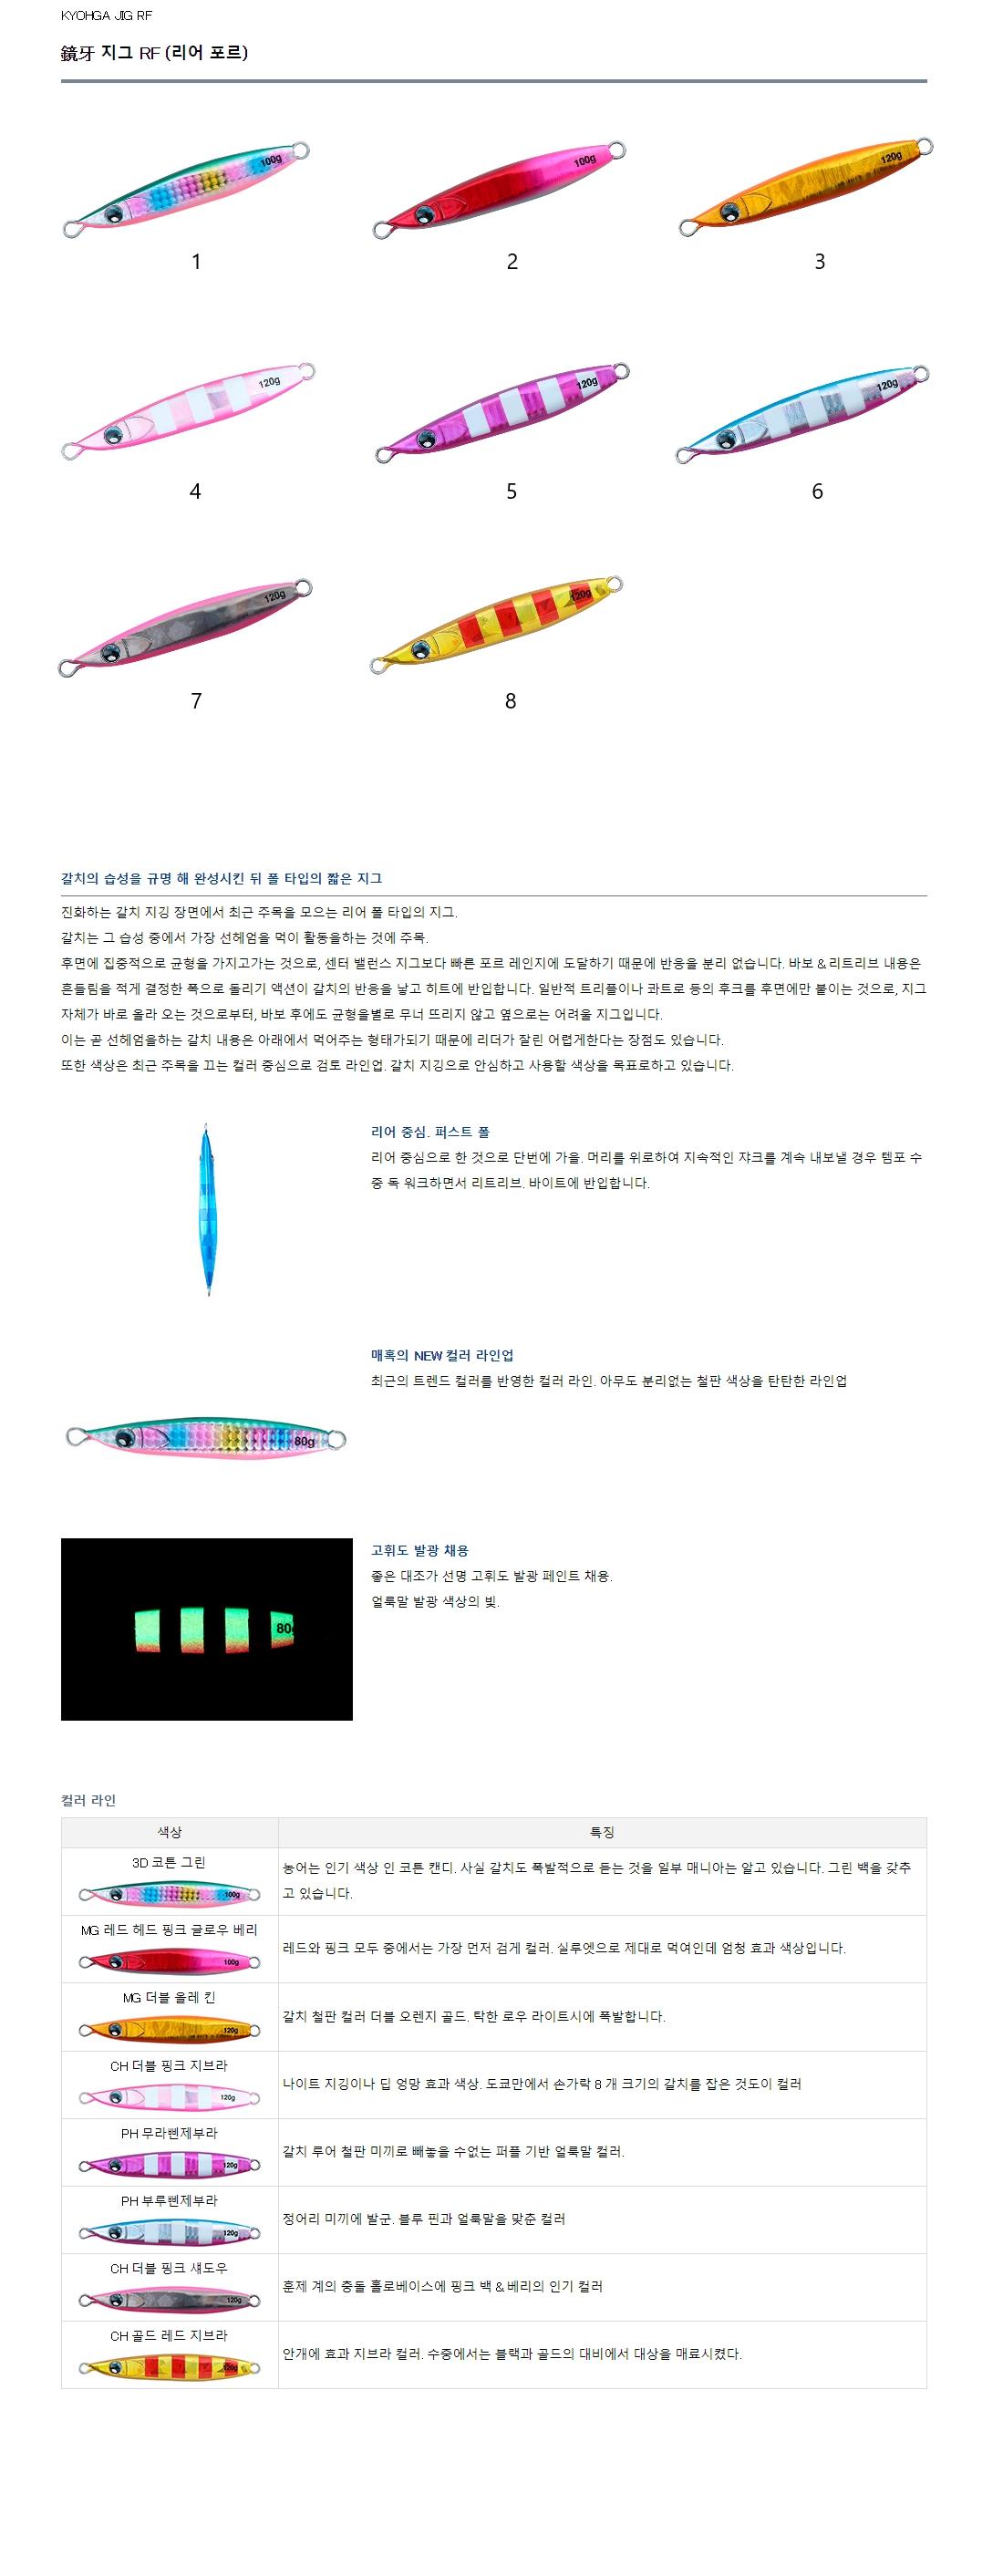 8c8a5e5eea255495cc028cc366f0292e_1604660660_2757.jpg